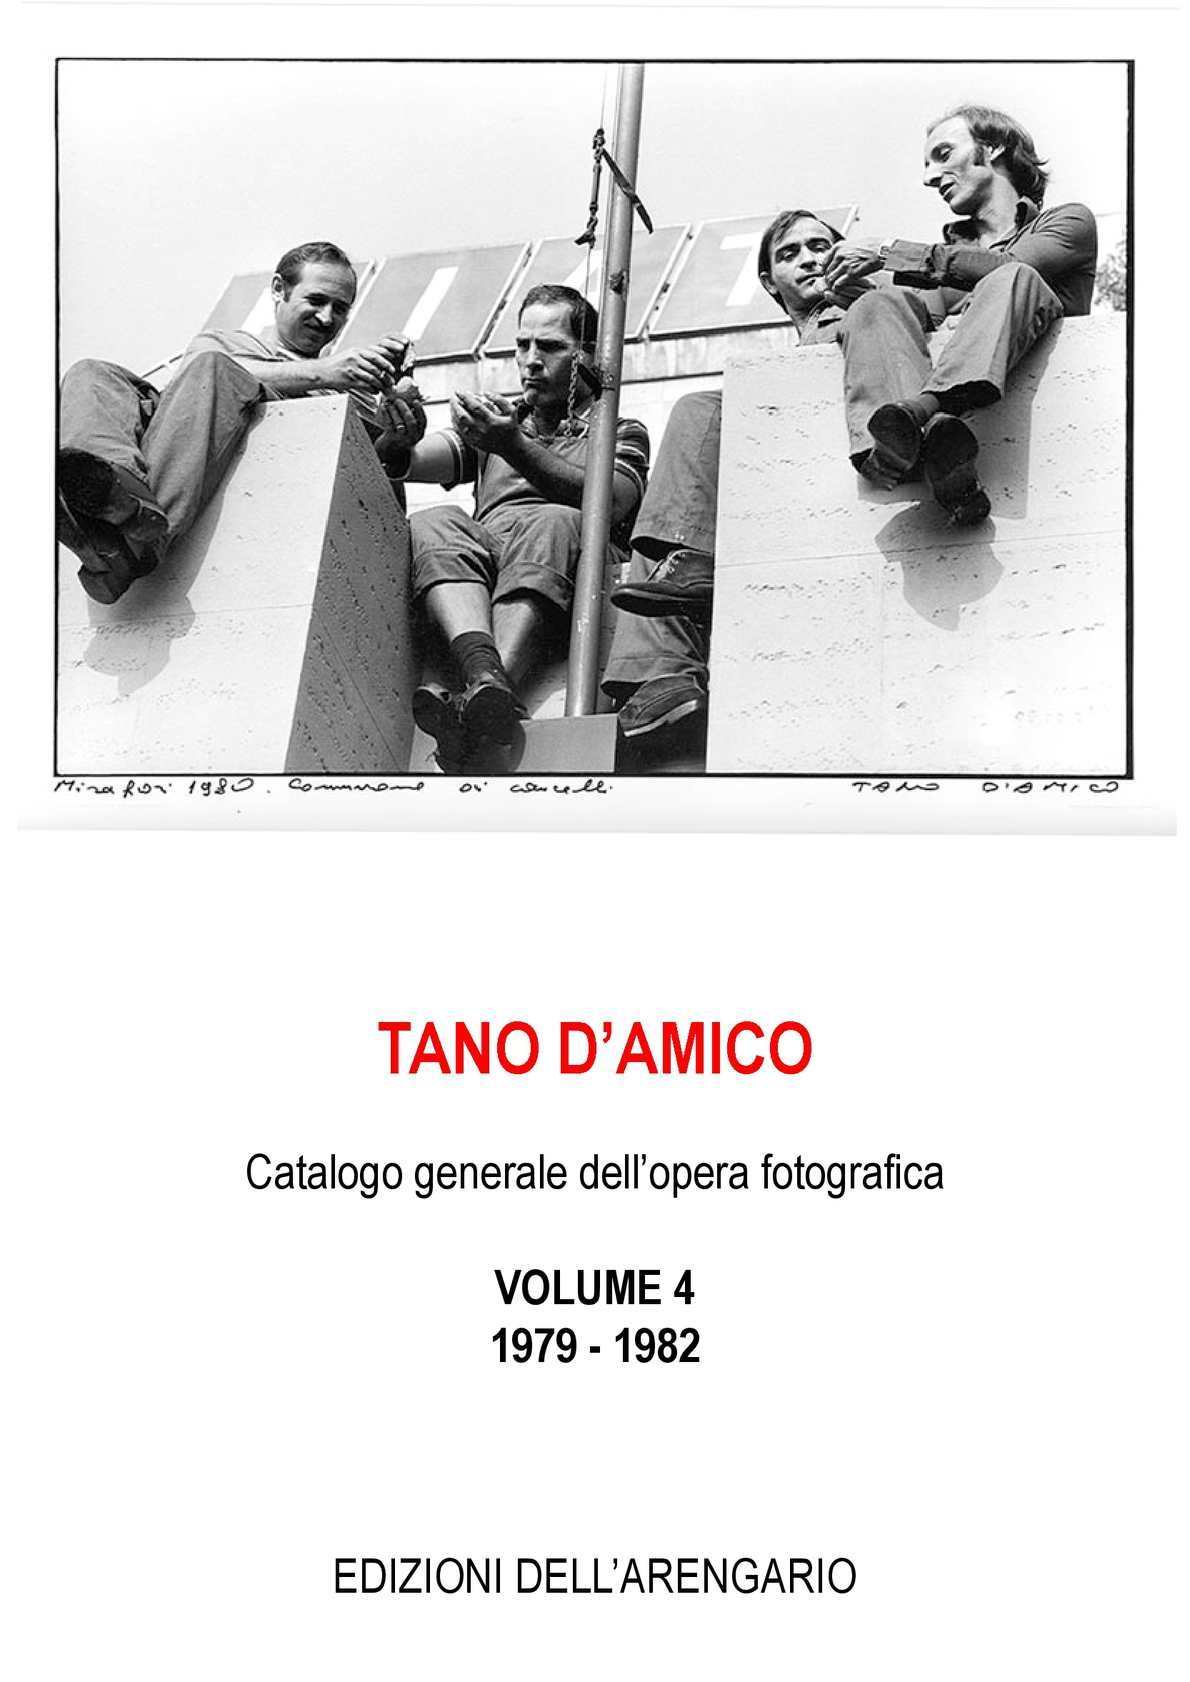 Catalogo 1979 1982